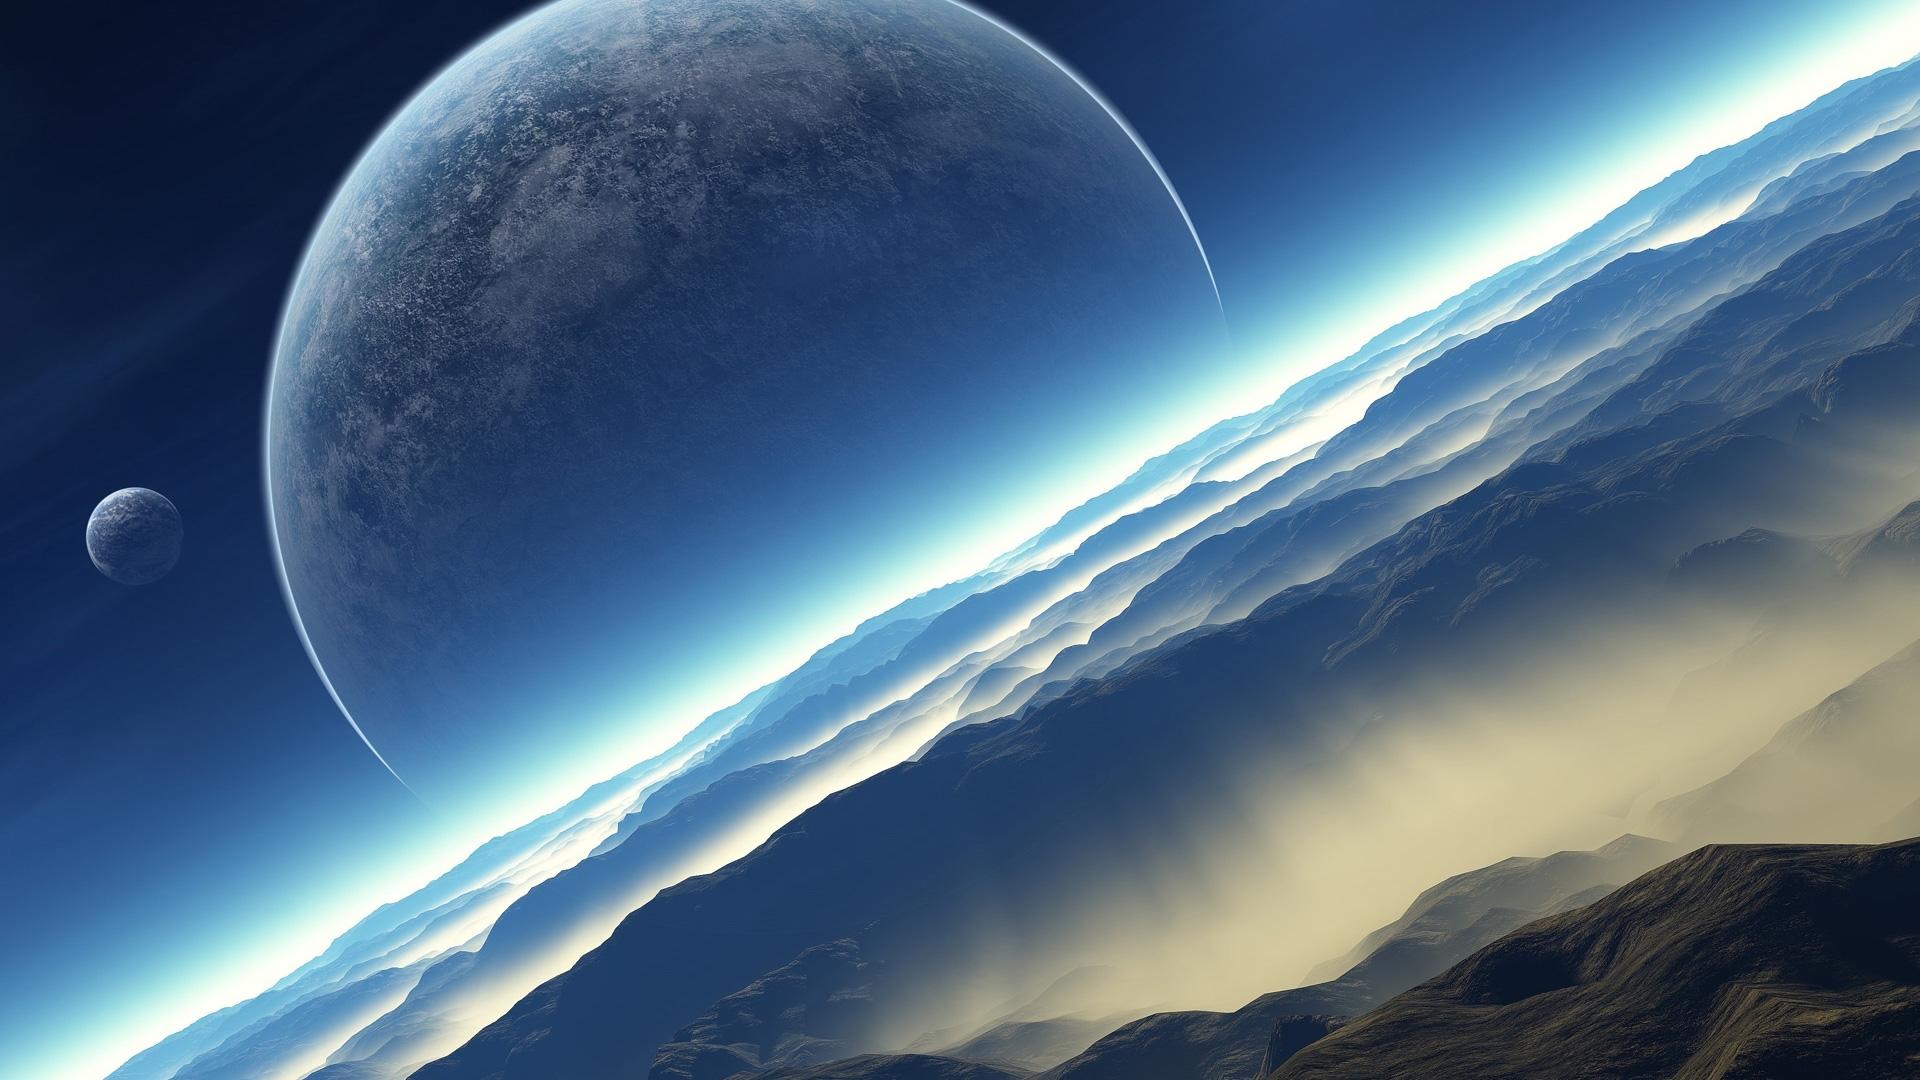 High Def Space Wallpaper - WallpaperSafari